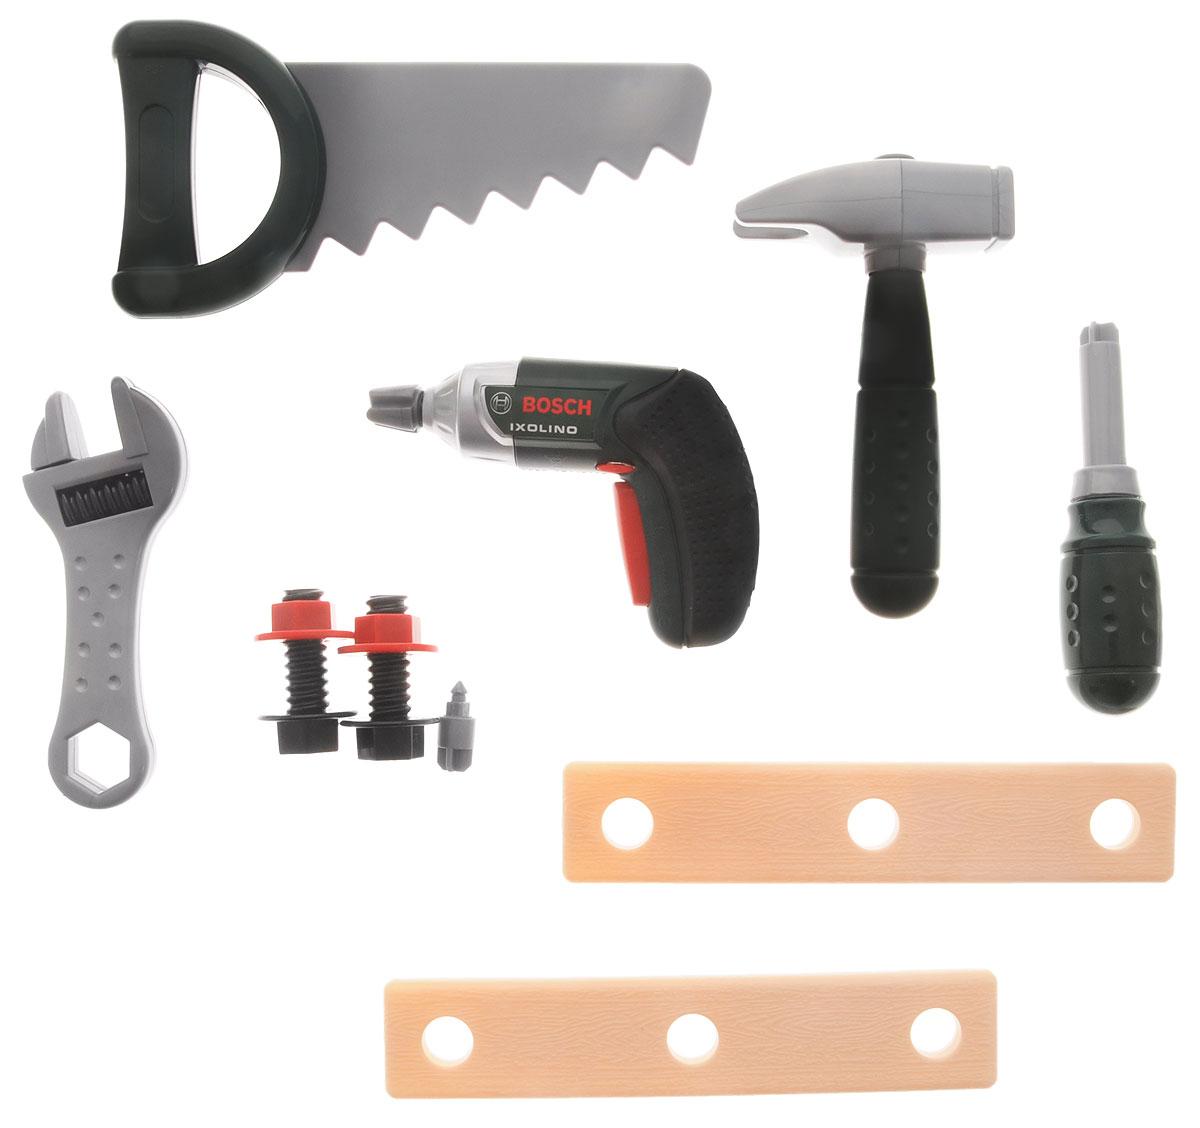 Klein Игрушечный набор инструментов Ixolino Work-Case купить насадку для заточки сверл на дрель купить